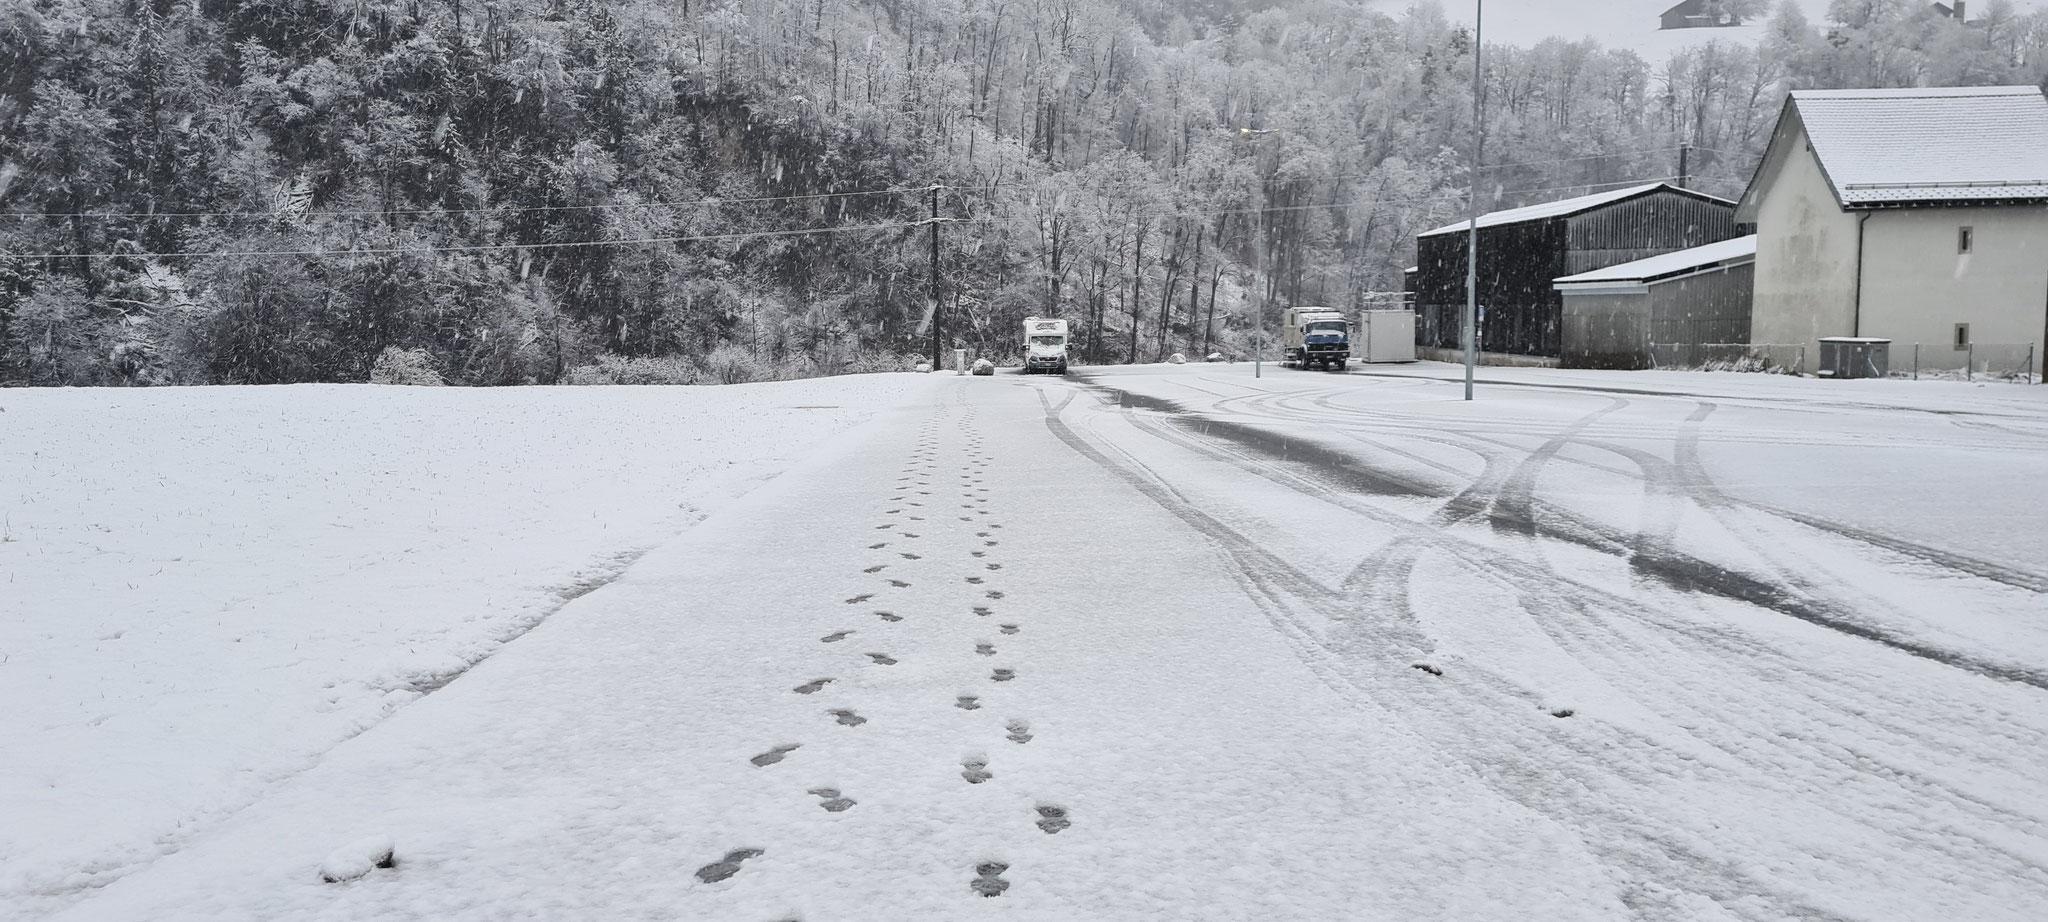 Unsere Spuren im Schnee (links) - Rechts von den kleinen Formel1-Fahrern